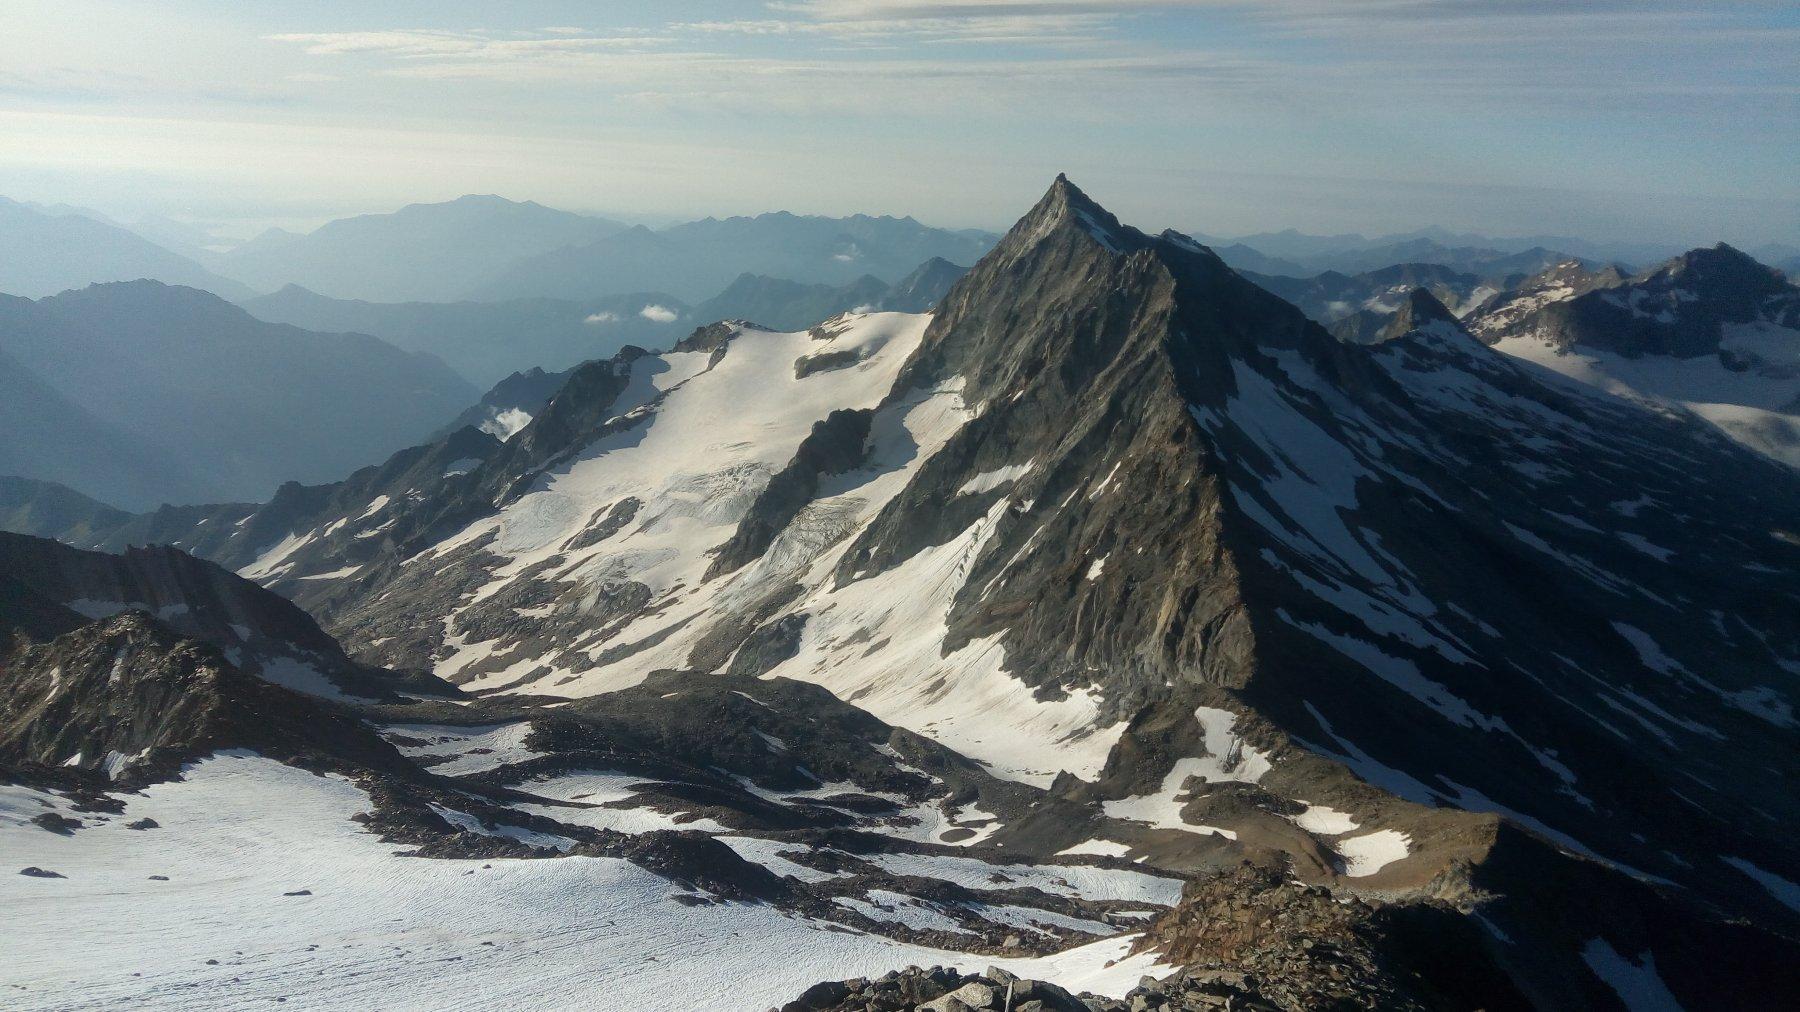 Salendo lungo la cresta, Pizzo d'Andolla e Lago Maggiore sullo sfondo